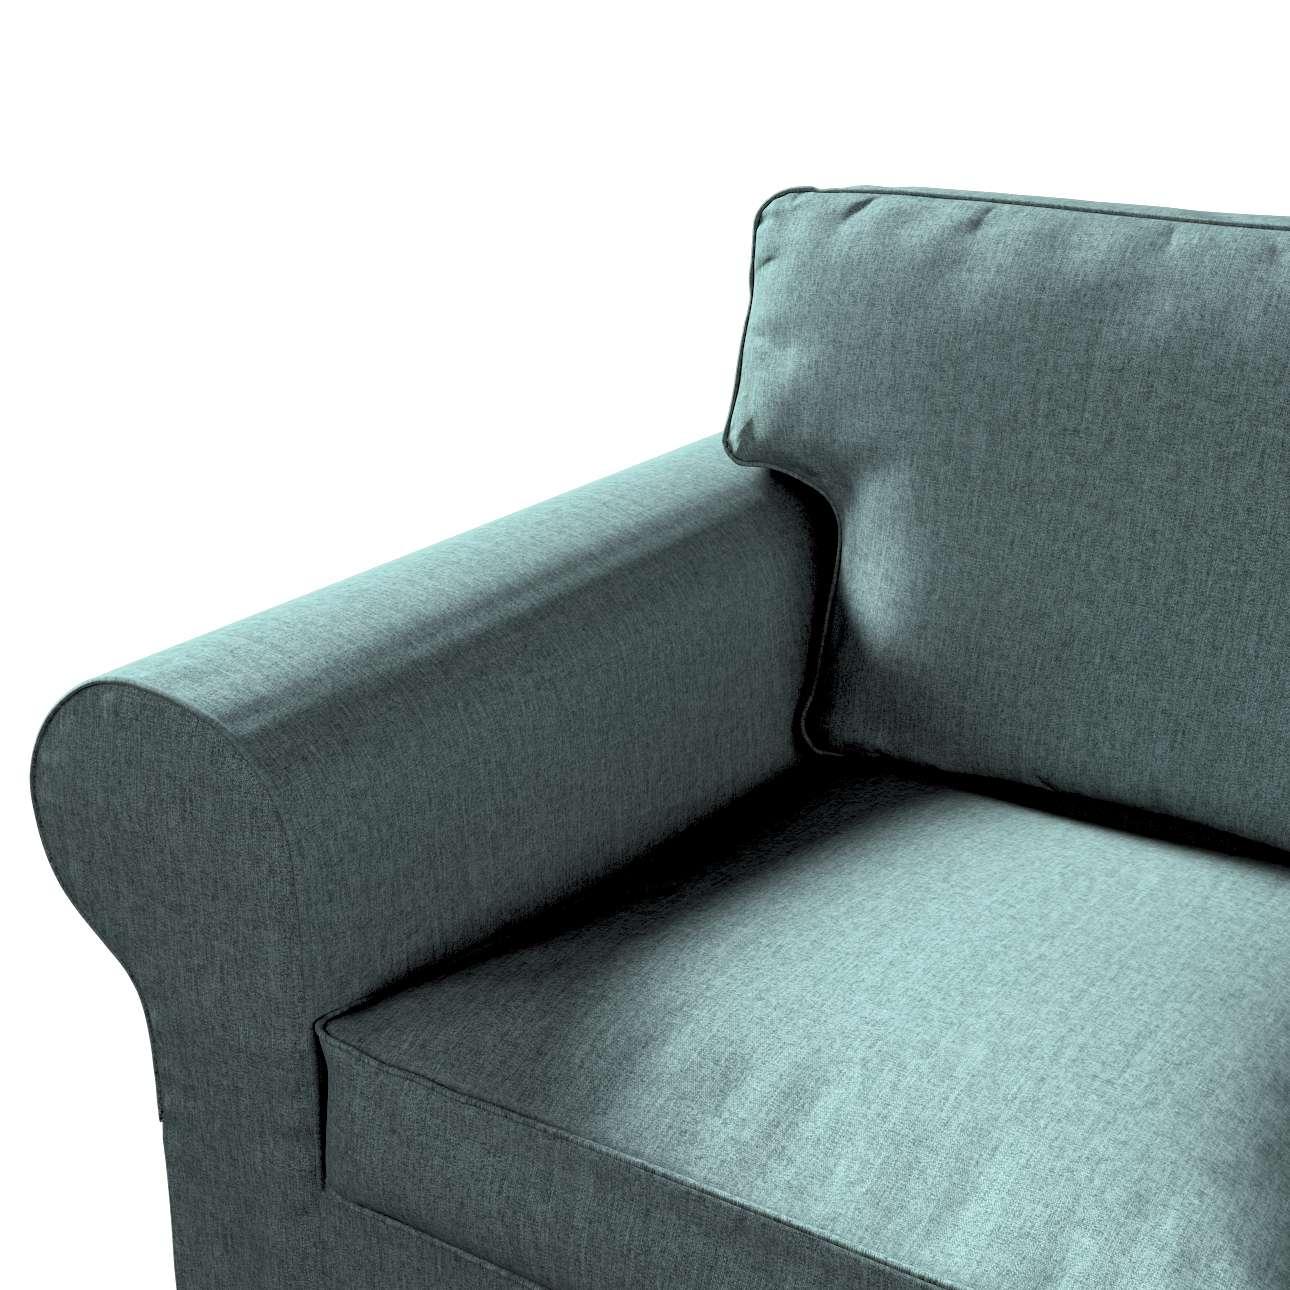 Poťah na sedačku Ektorp (rozkladacia, pre 2 osoby) NOVÝ MODEL 2012 V kolekcii City, tkanina: 704-85